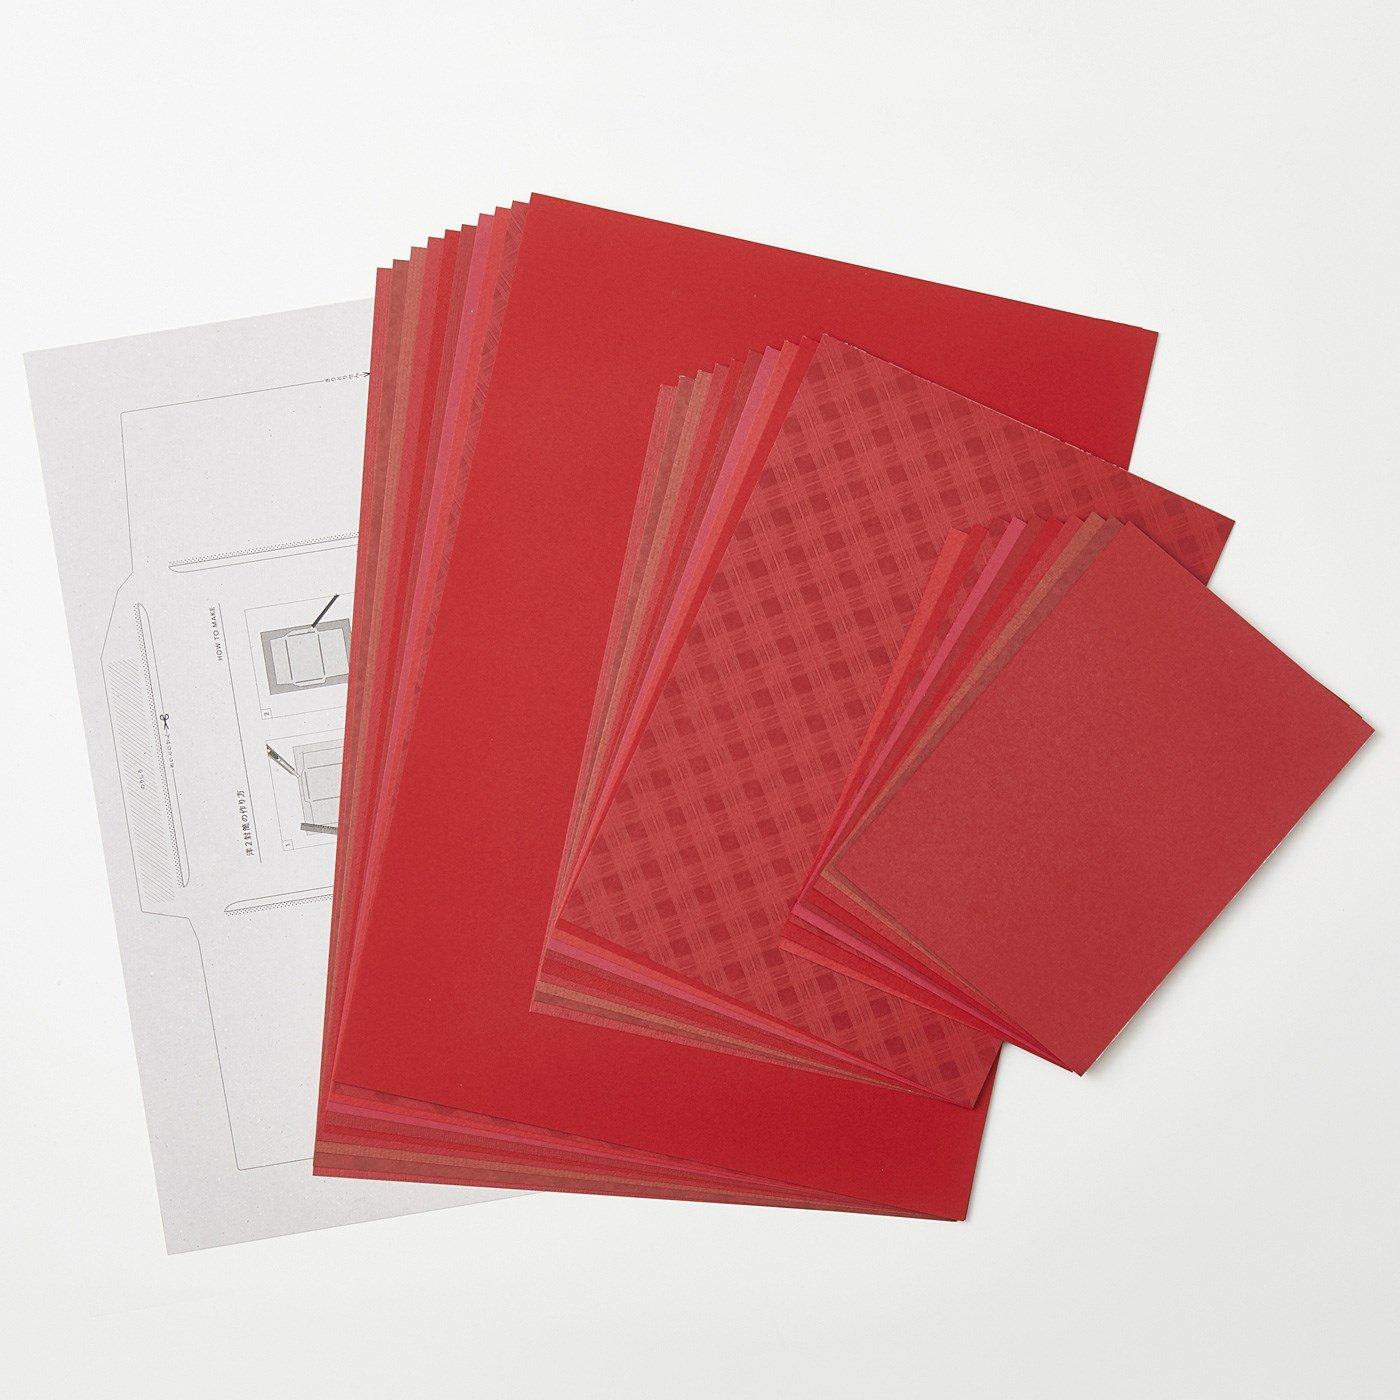 OSYAIRO 紙の専門商社竹尾が選ぶ 色を楽しむ紙セットの会〈赤〉